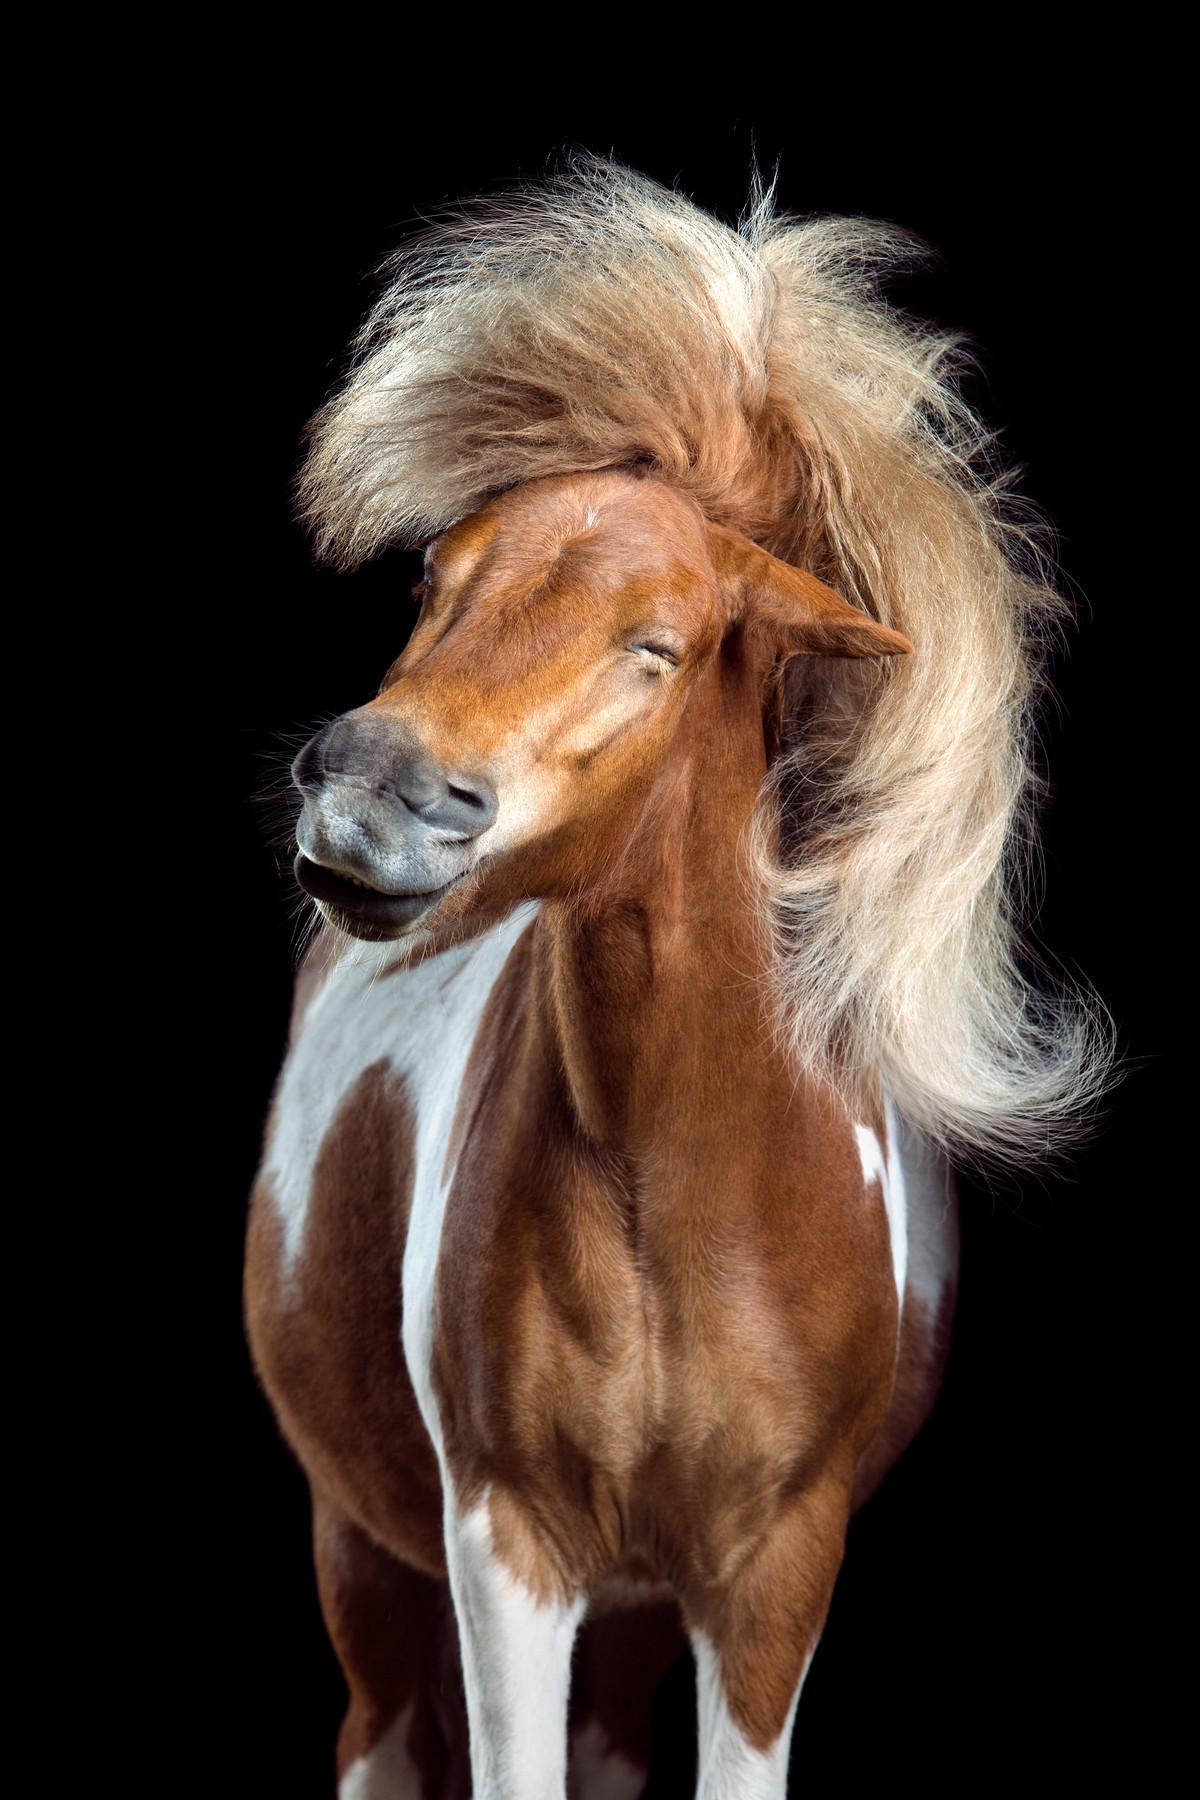 Притягательные гривы в фотографиях Вибке Хаас. Лошади, взмахивающие волосами 6